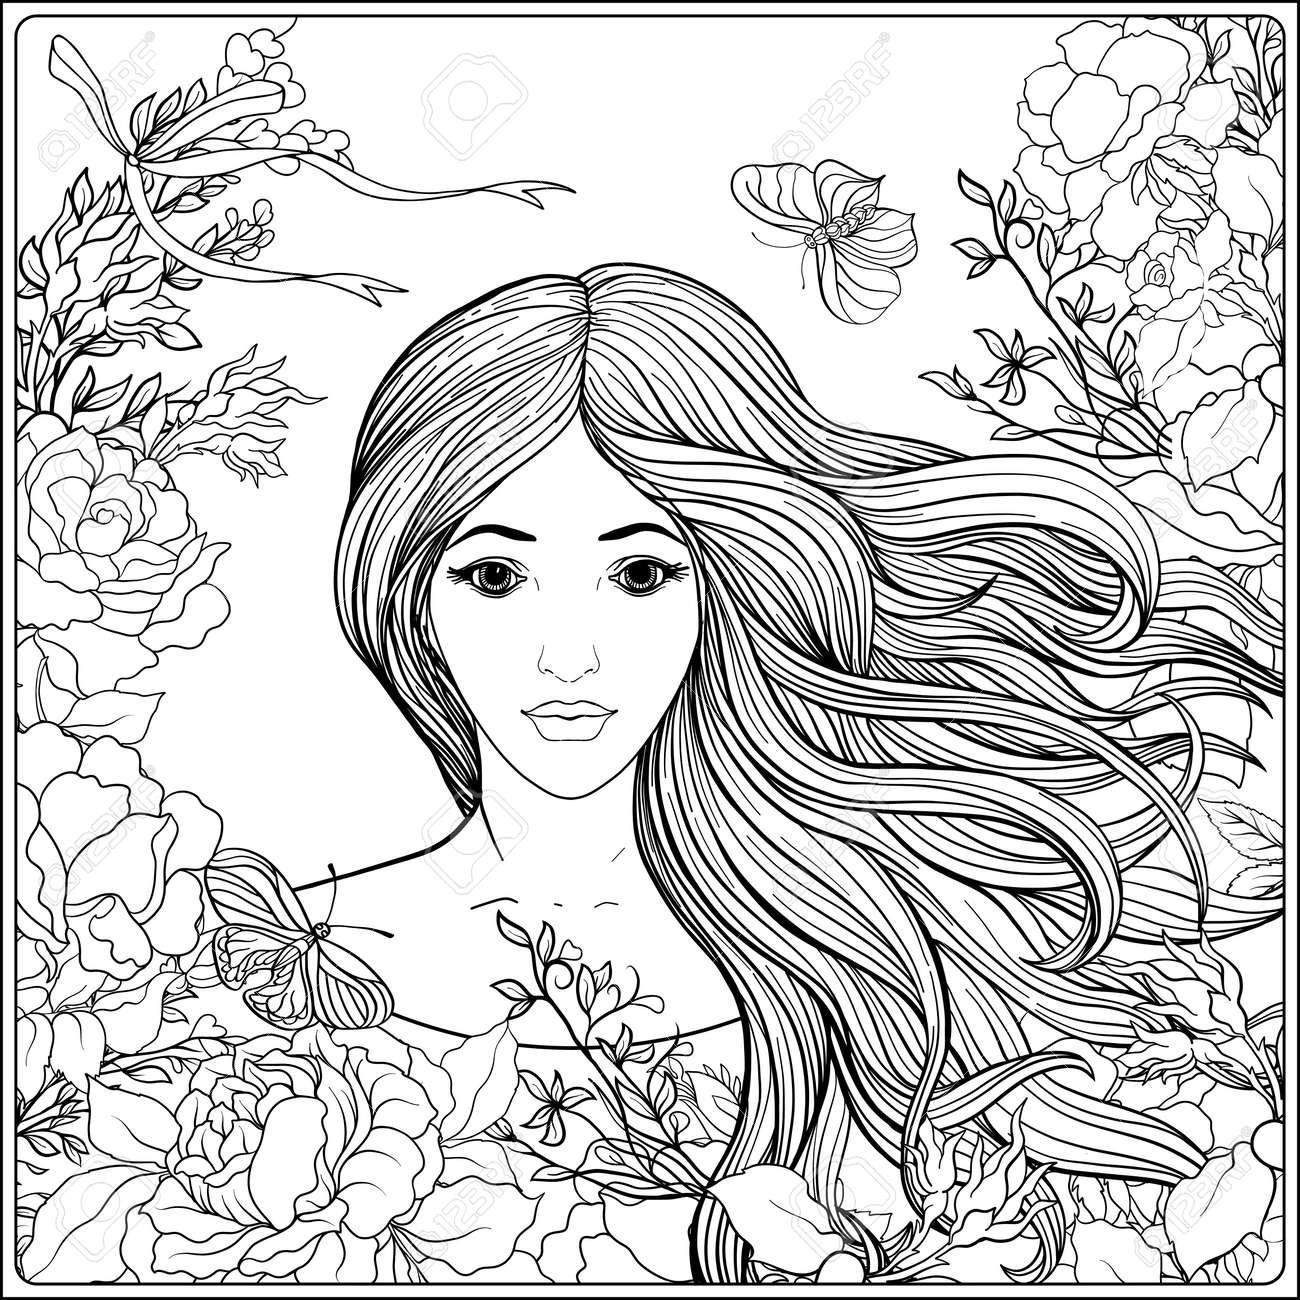 Coloriage Fille Cheveux Longs.Jeune Belle Fille Aux Cheveux Longs Dans Un Riche Cadre Decore De Motifs Floraux Illustration Vectorielle De Stock Line Dessin Au Trait Page De